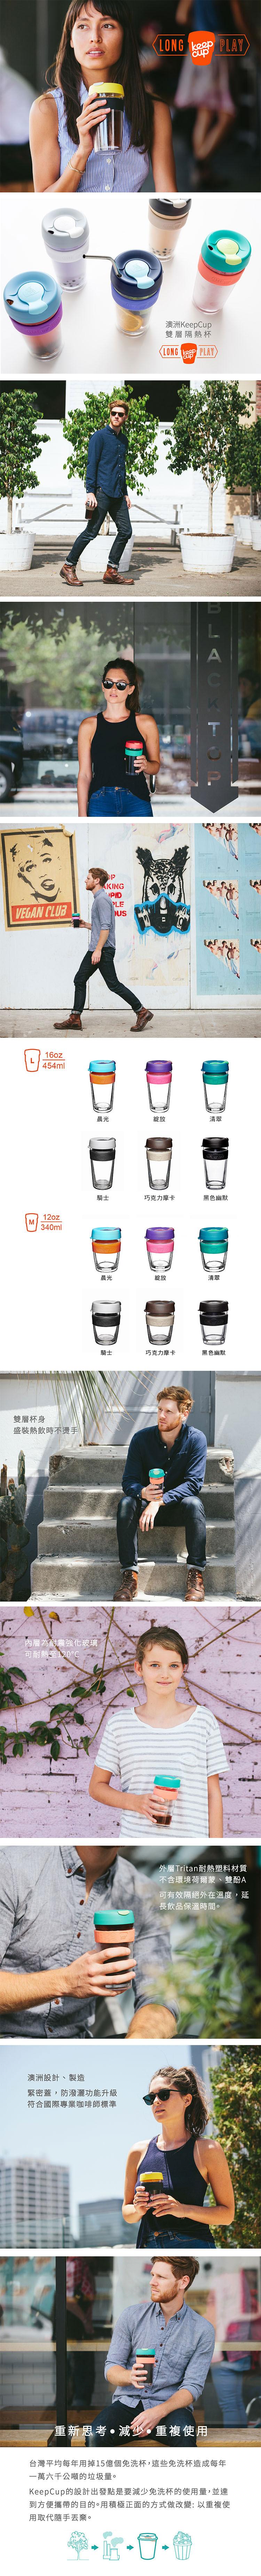 澳洲 KeepCup 雙層隔熱杯 M - 清翠